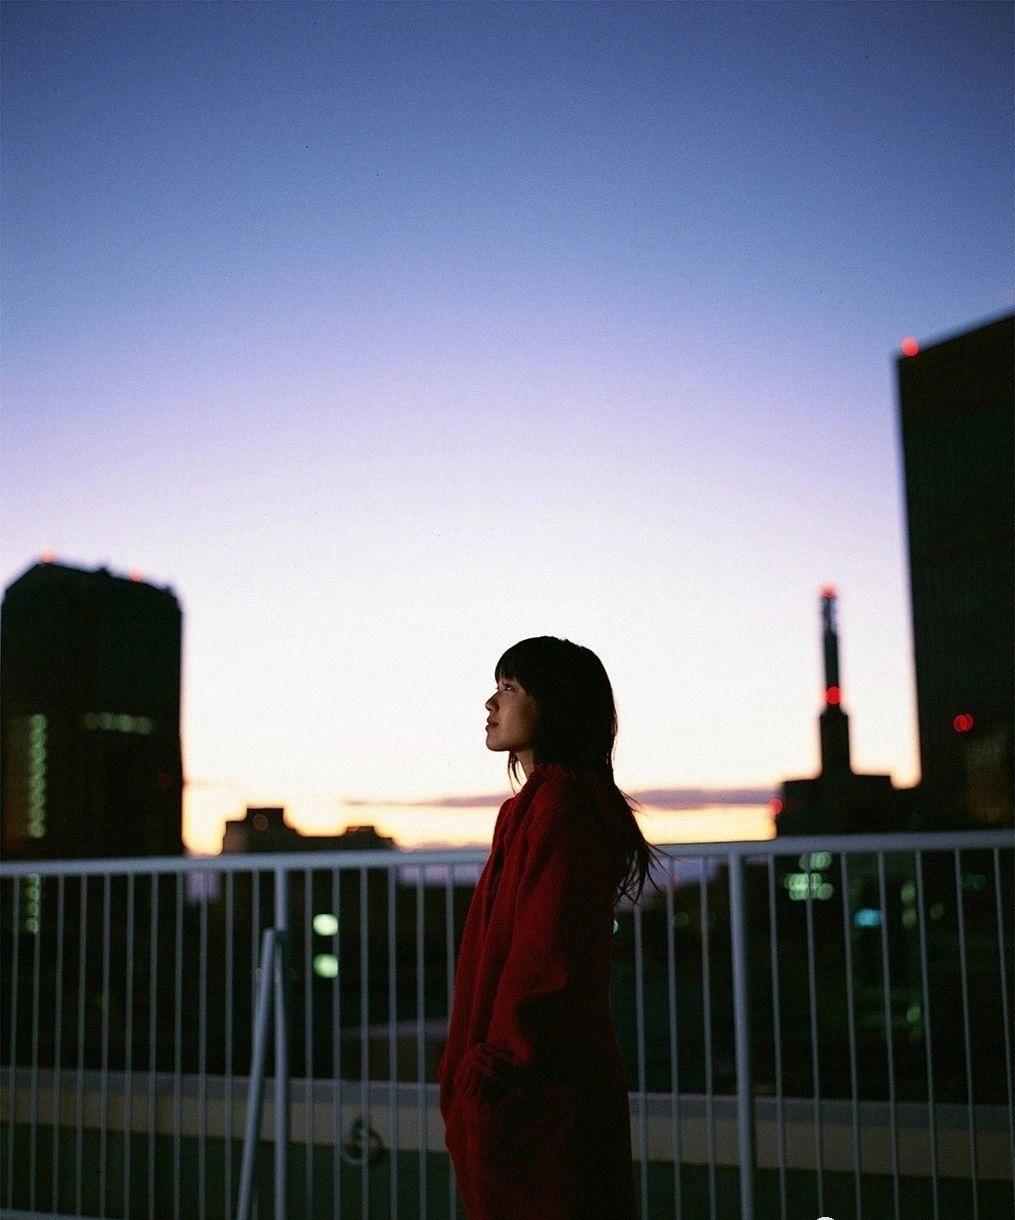 美的不可方物少女时代的户田惠梨香写真作品 (22)